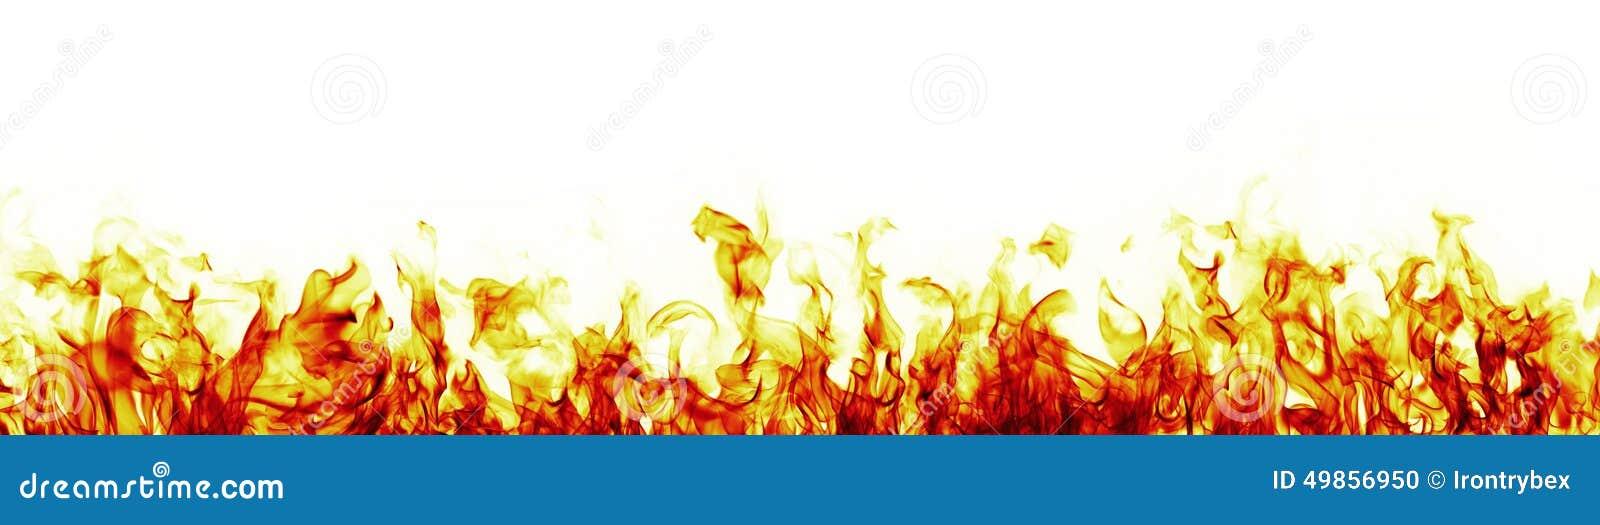 Encienda las llamas en la versión más roja blanca del fondo